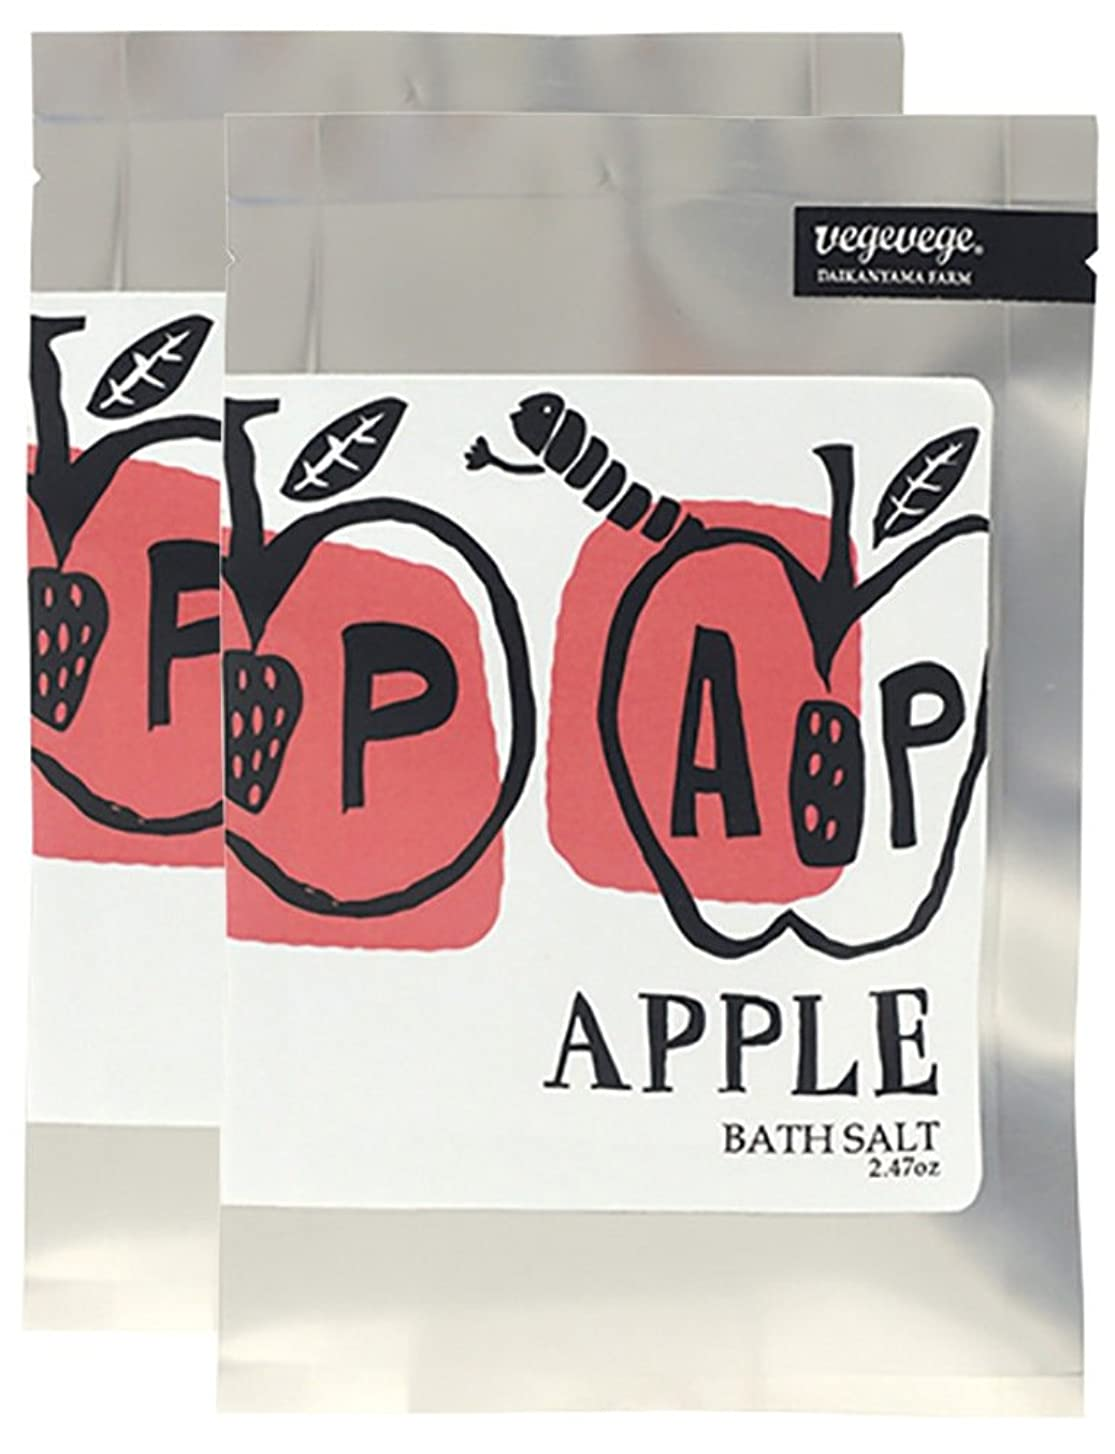 文房具収まるクアッガノルコーポレーション 入浴剤 バスソルト VEGEVEGE アップルの香り 2包入り OB-VGE-2-4